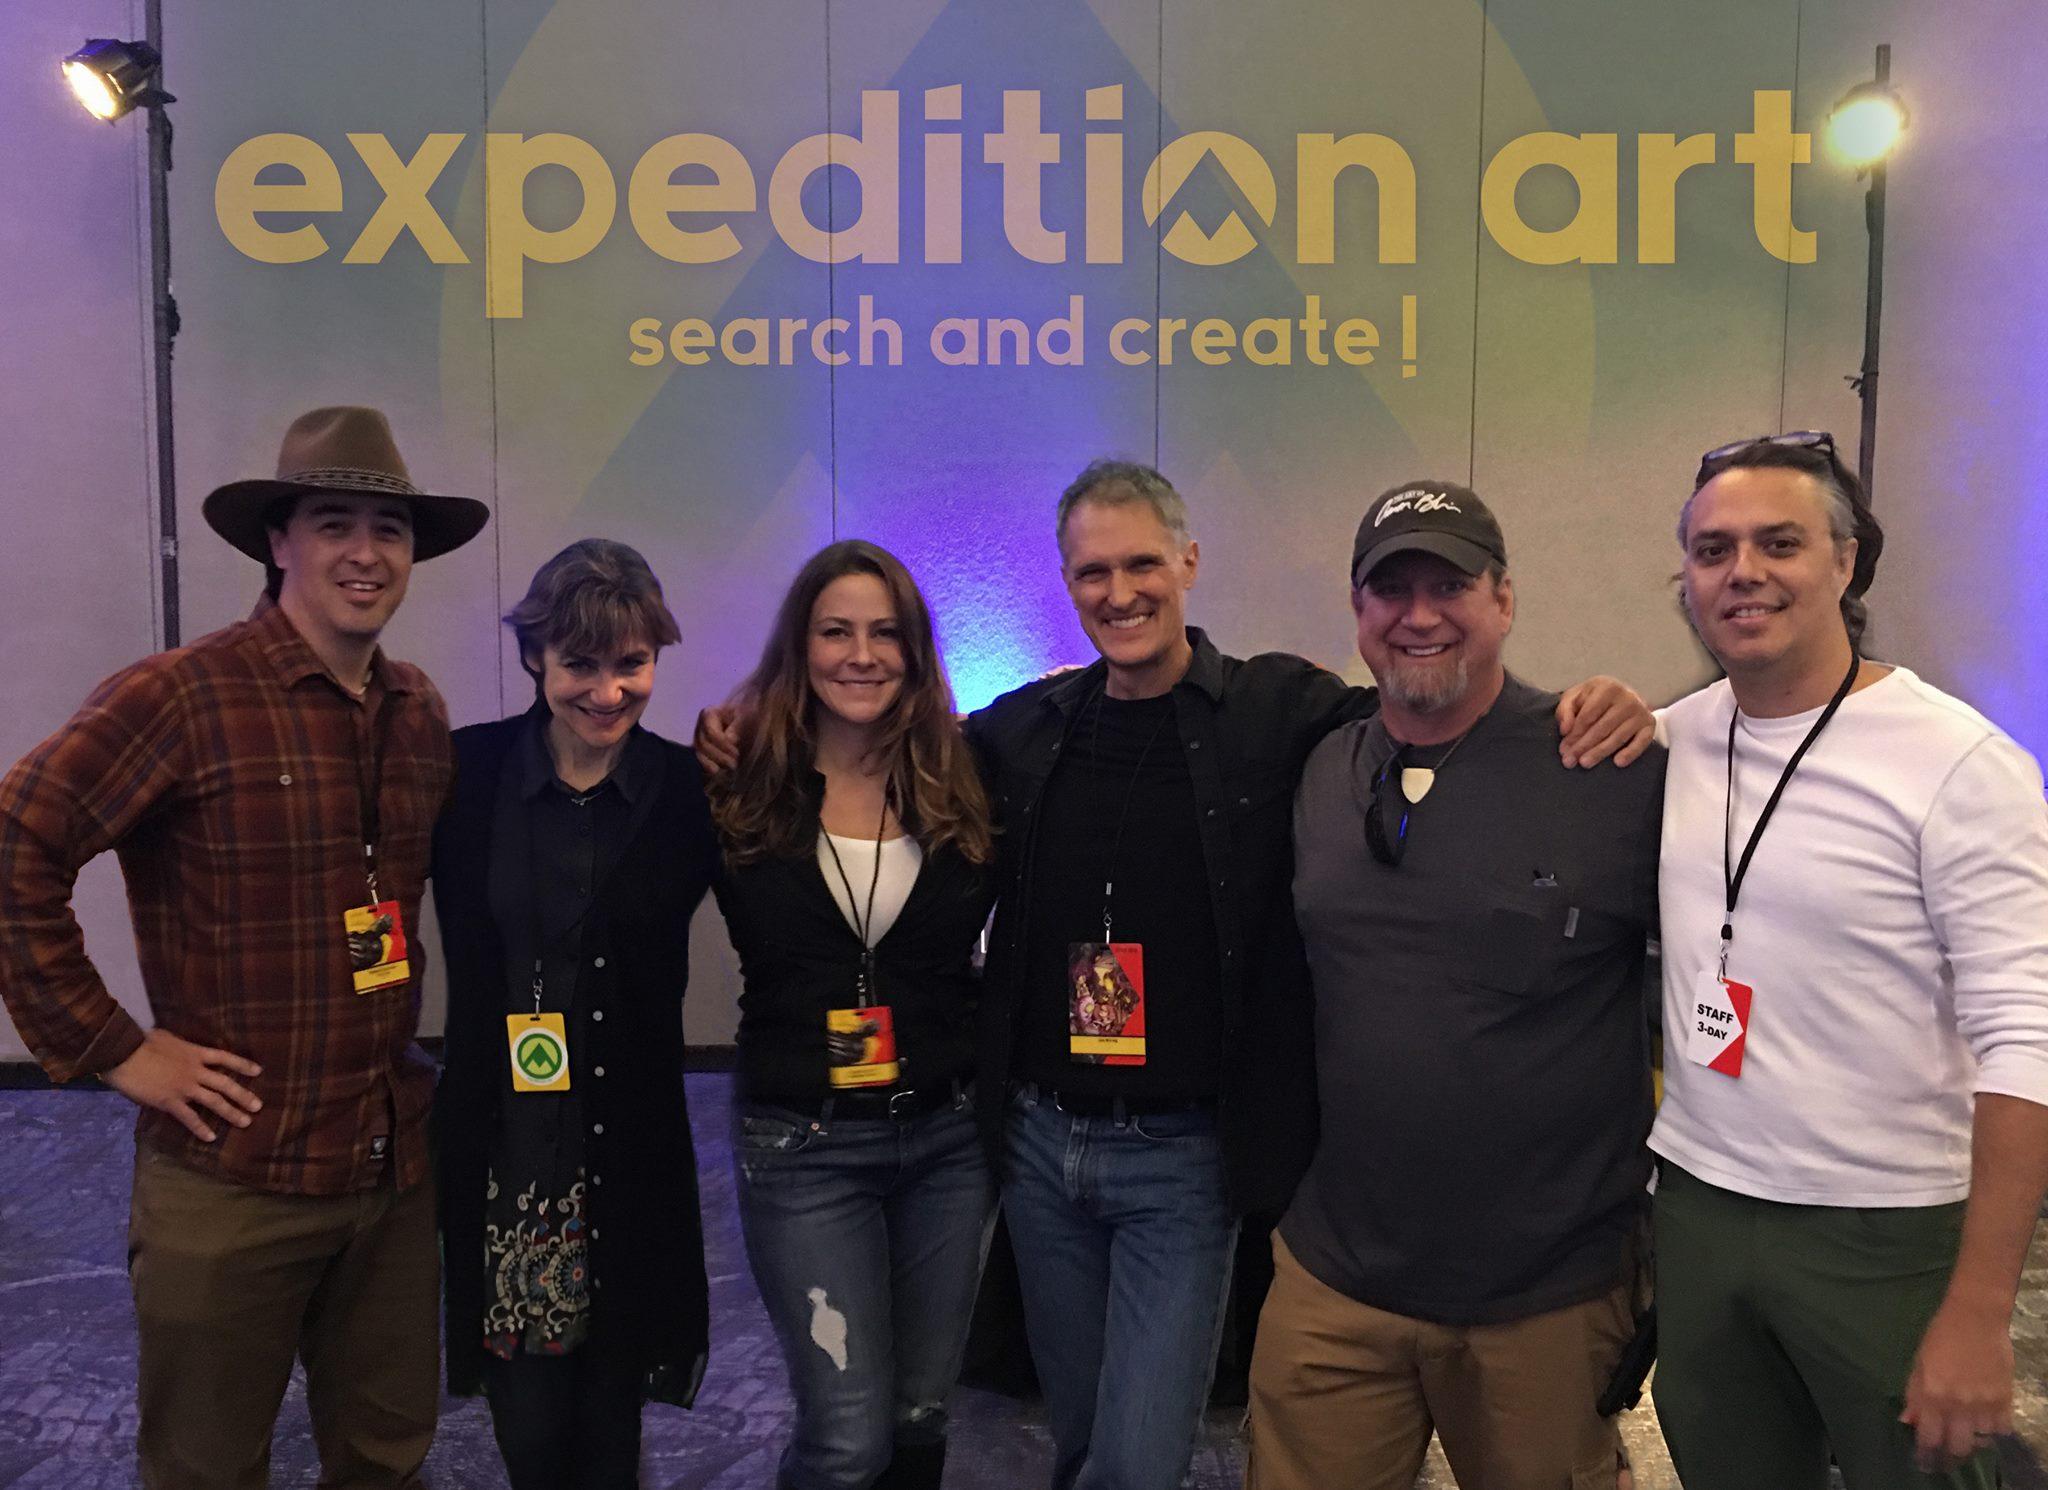 Retirada da página do Facebook do Expedition Art. Da esquerda para a direita, Manuel Carrasco, Terryl Whitlatch, Kristy Tipton, Iain McCaig, Aaron Blaise e David Levy